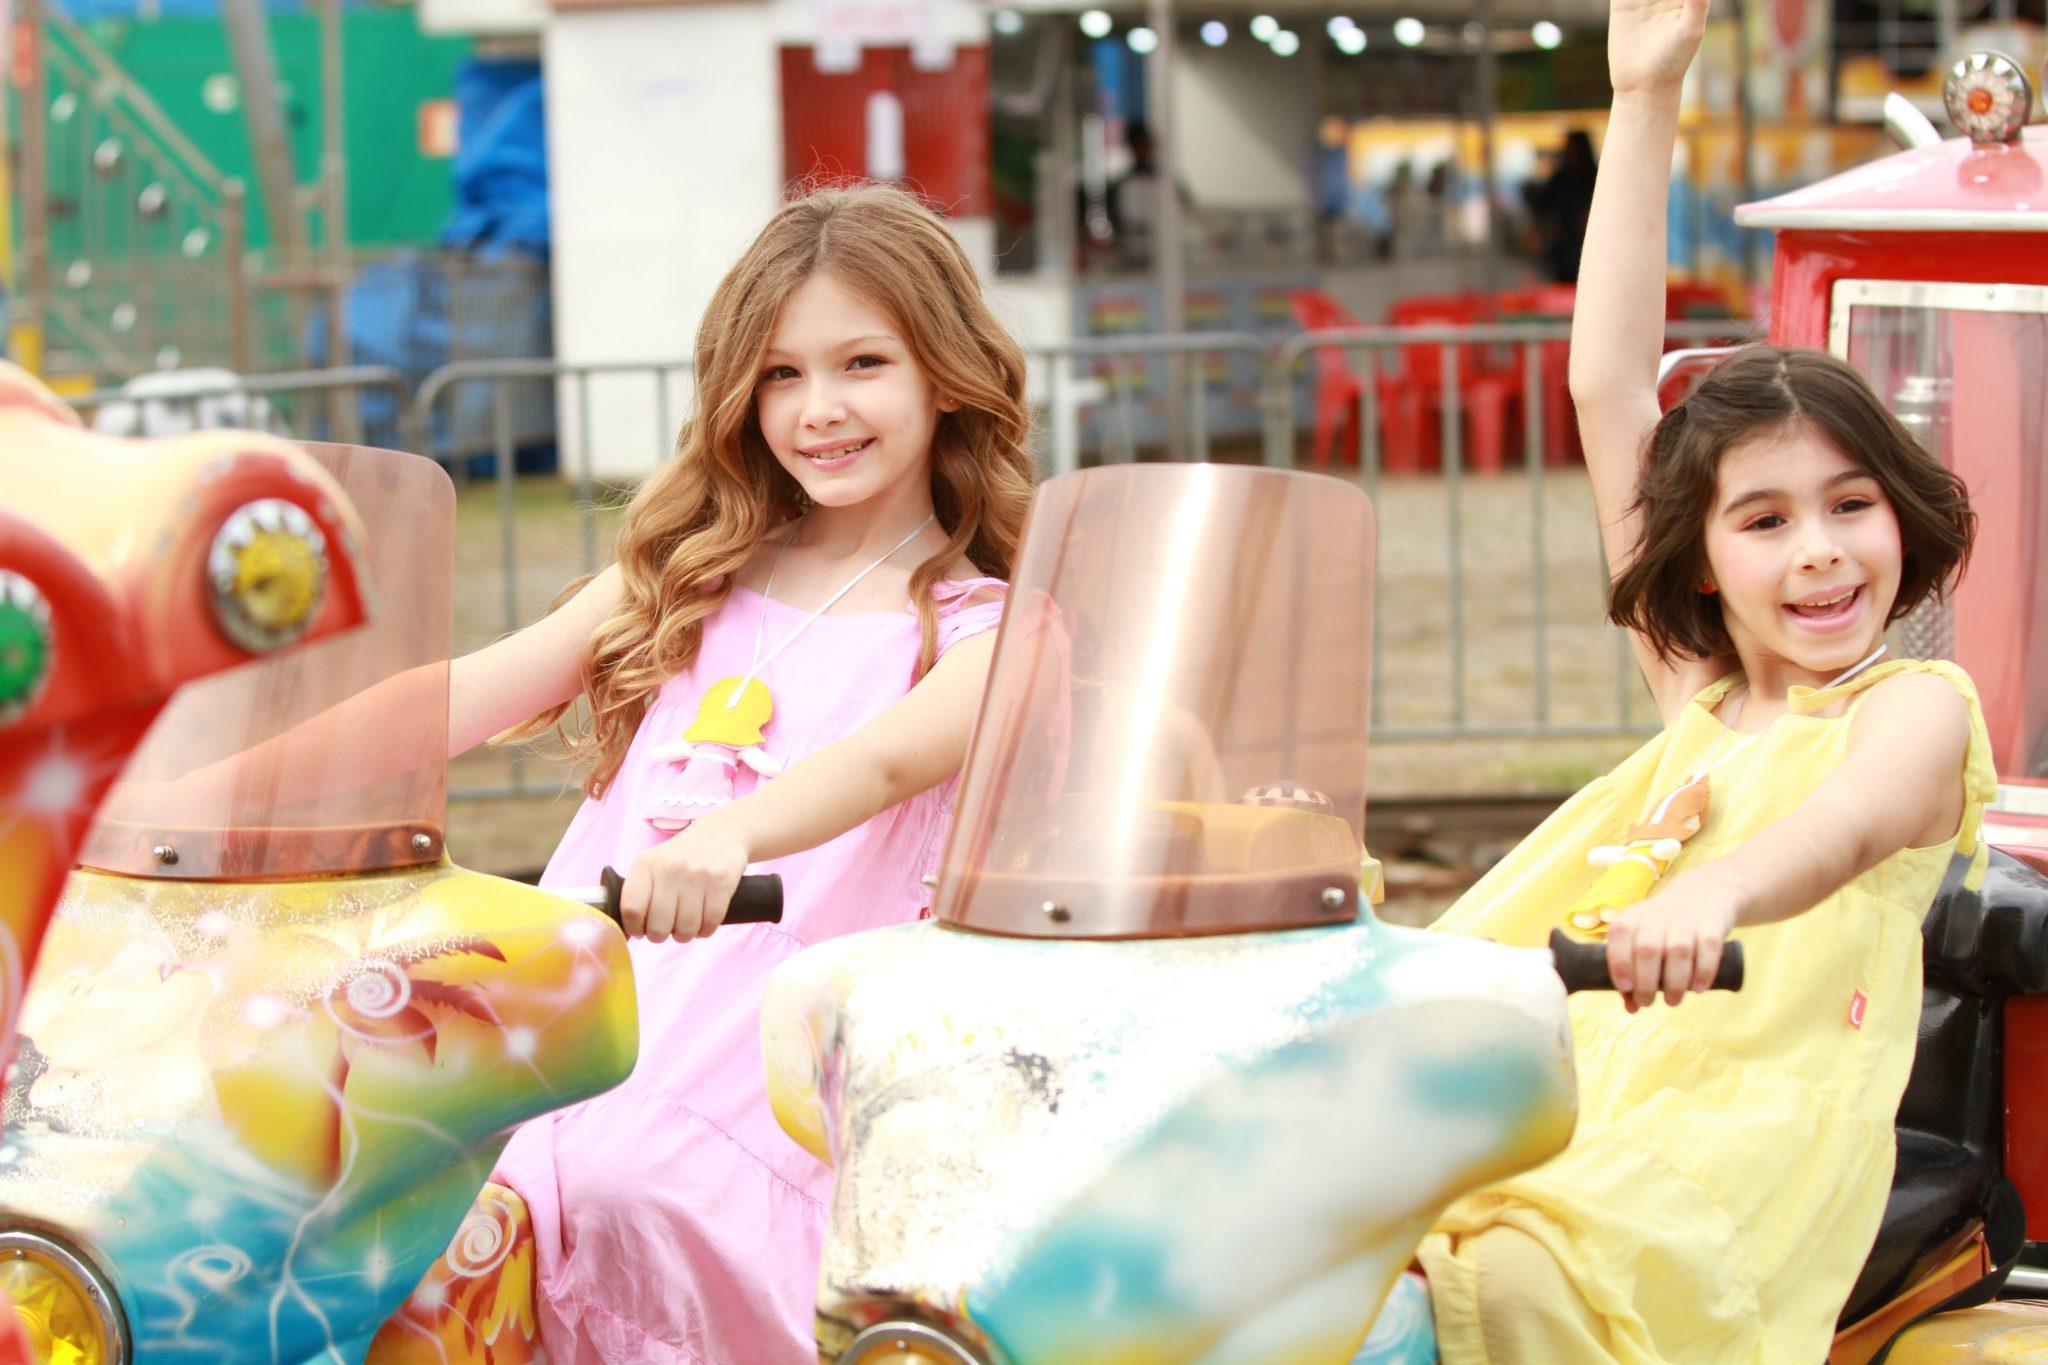 São Paulo para crianças - Duas meninas, uma ruiva de cabelo comprido e uma de cabelo escuro curtinho em um brinquedo de parque